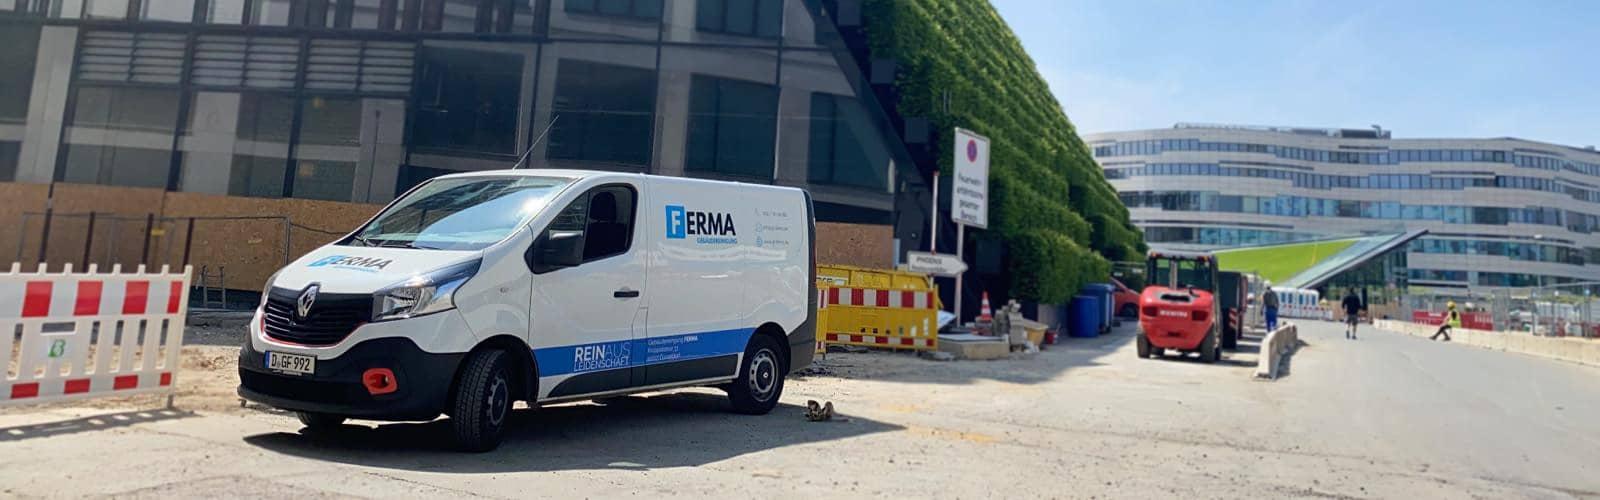 Das ist ein Foto einer Baustelle in Düsseldorf im Sommer